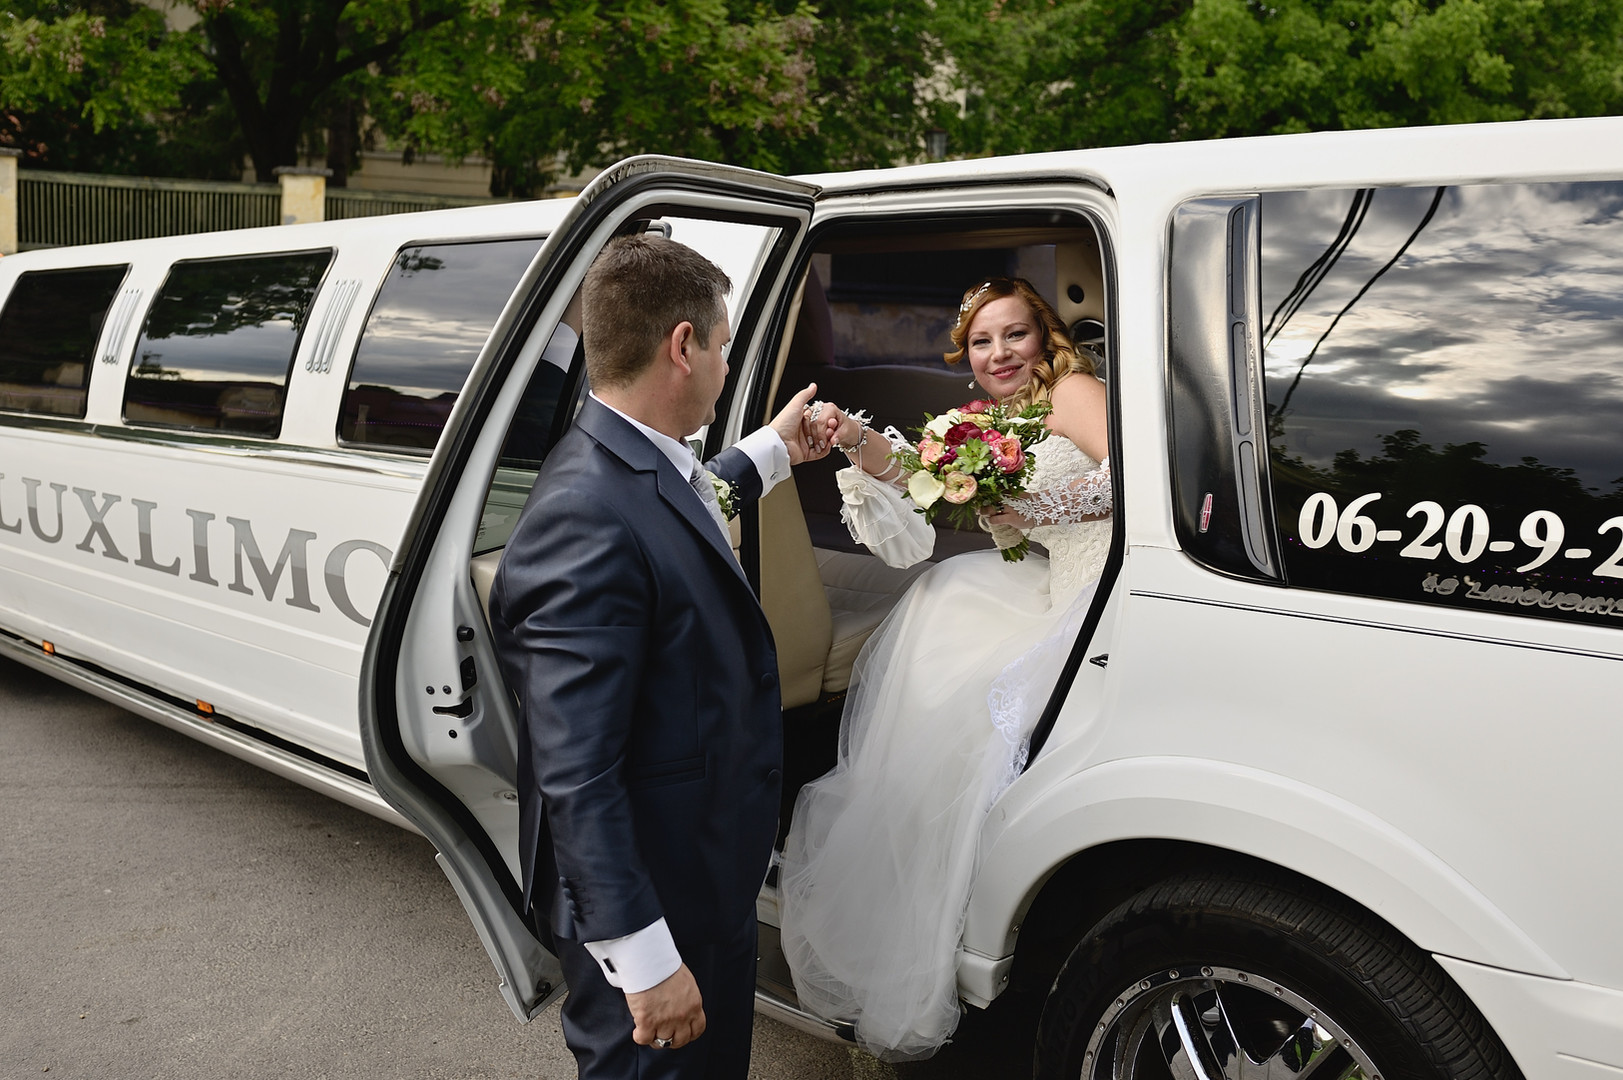 398  Esküvői fotózás - Enikő és Peti KRE